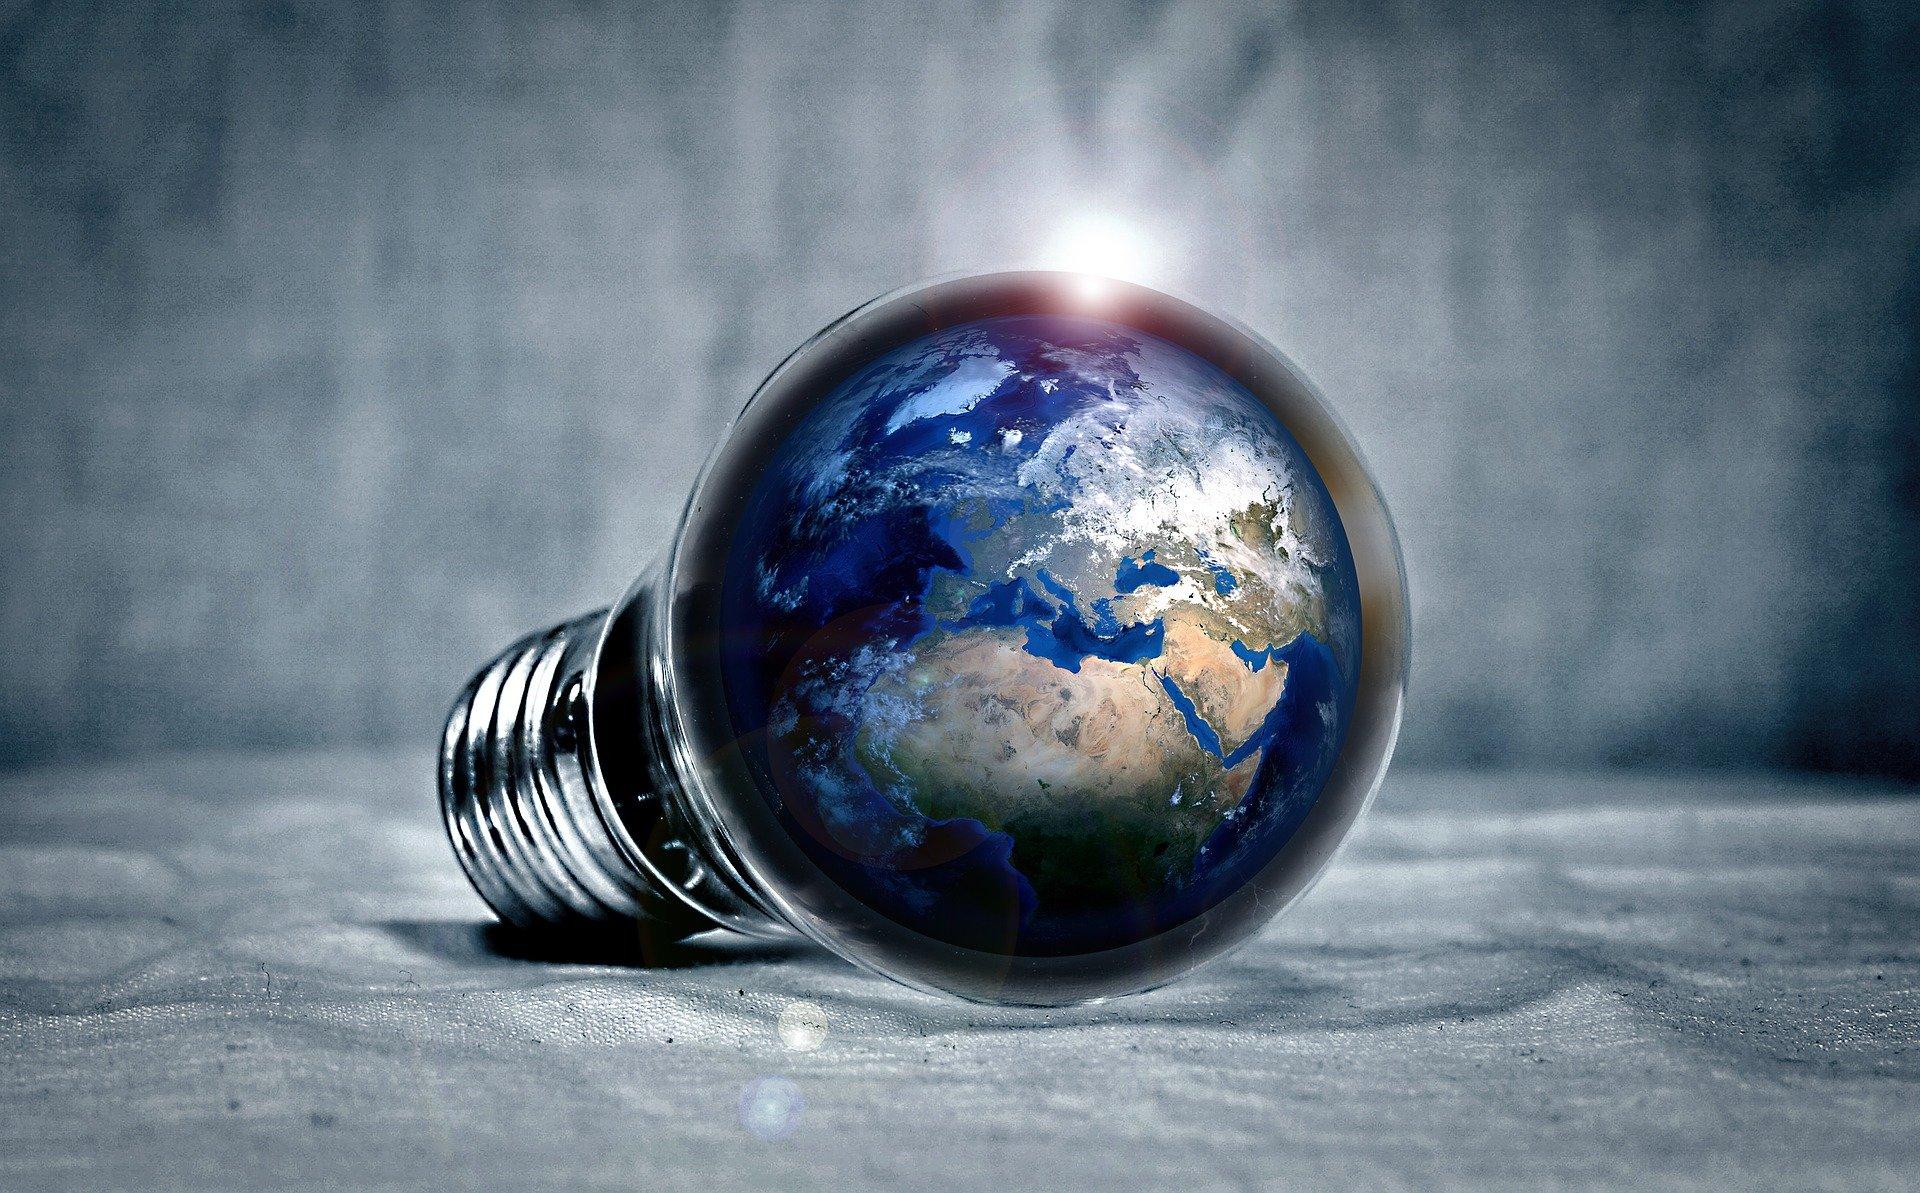 planète terre dans une ampoule